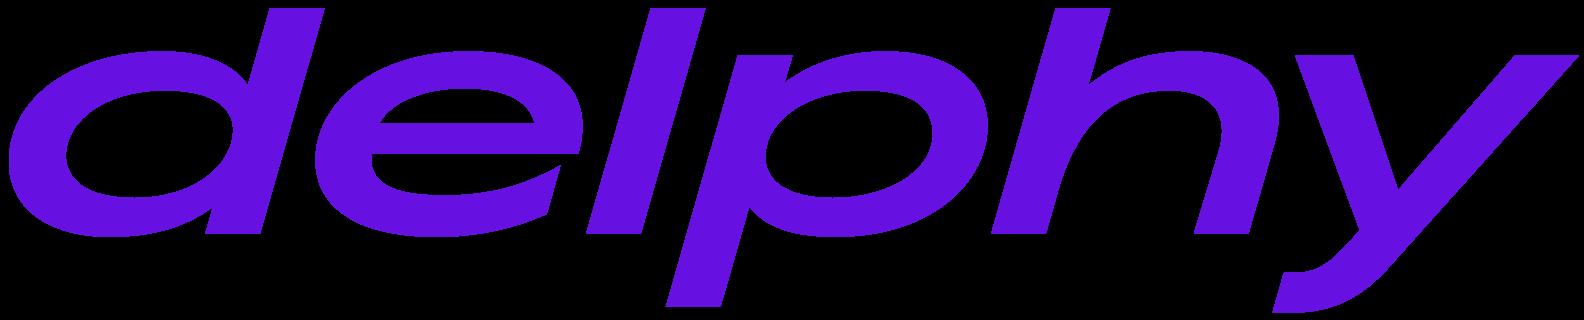 delphy logo violet